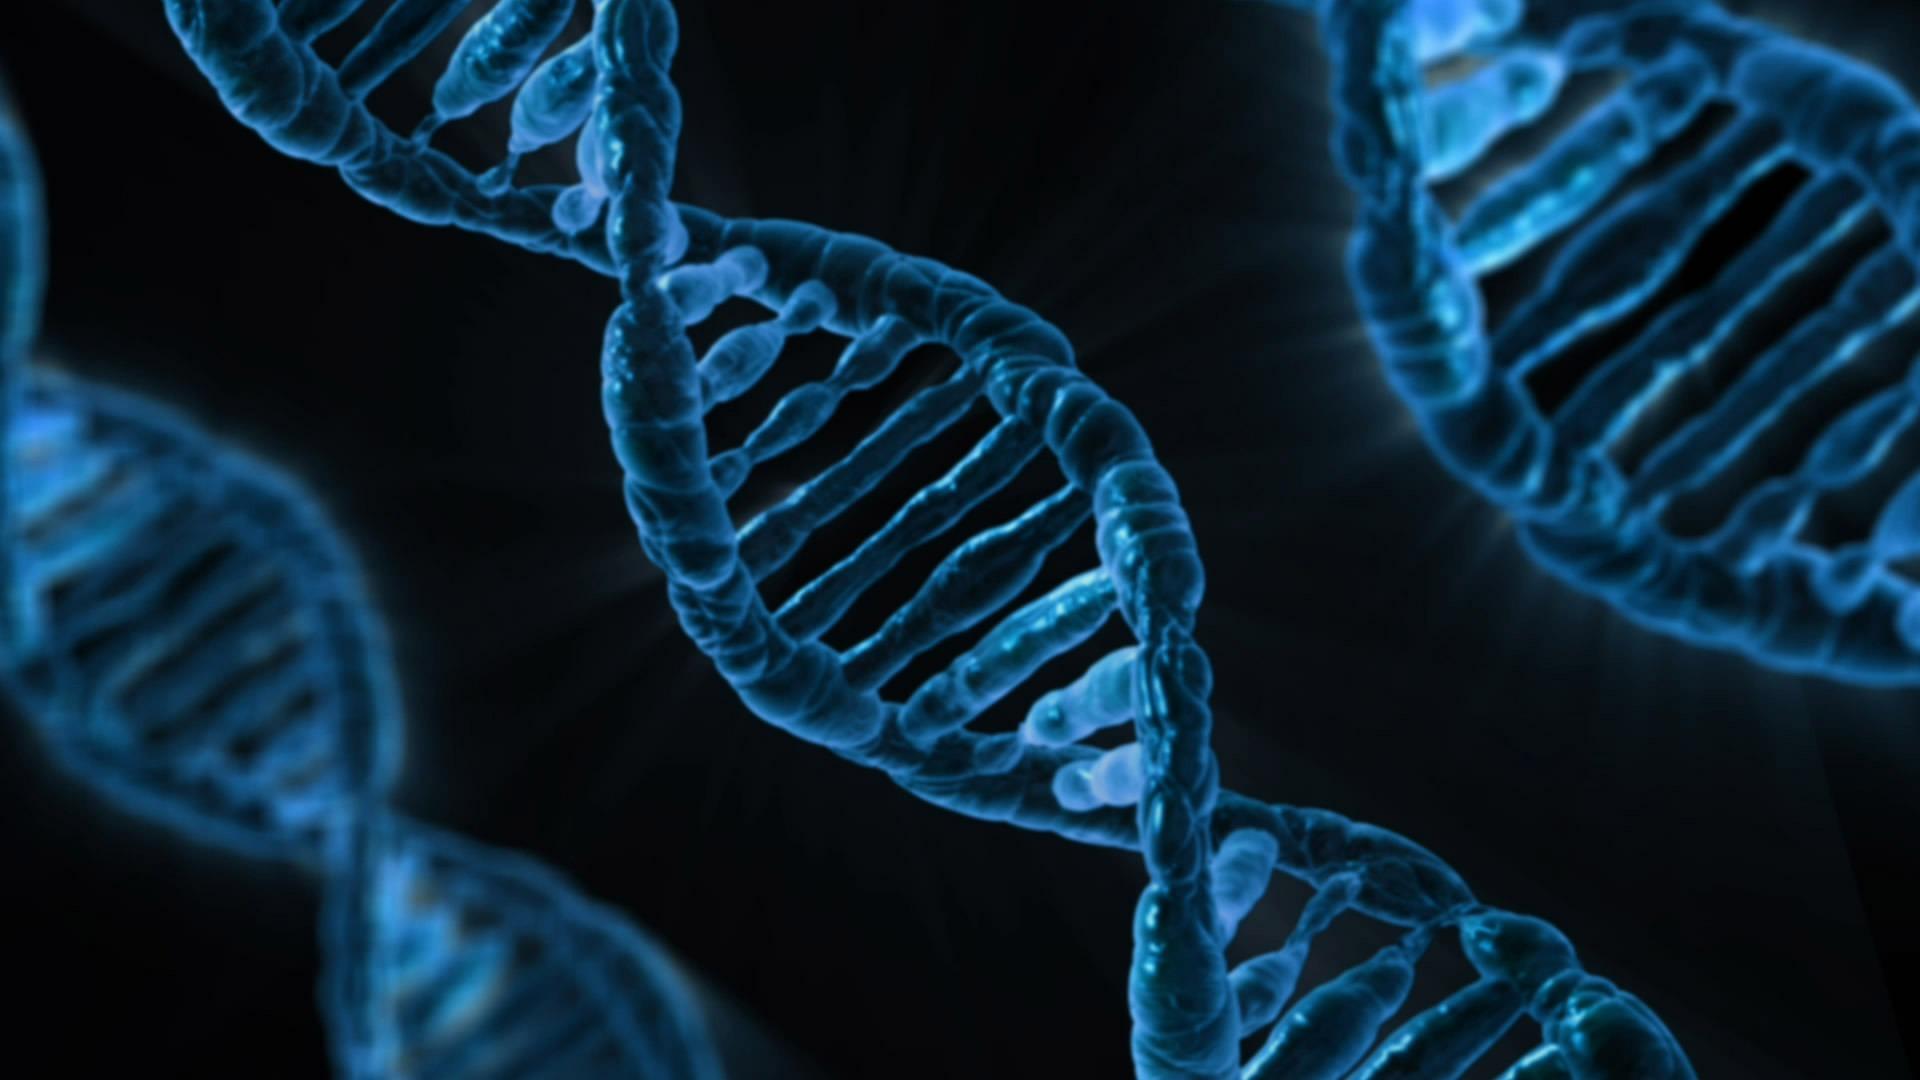 LeungLaw biotechnology patent